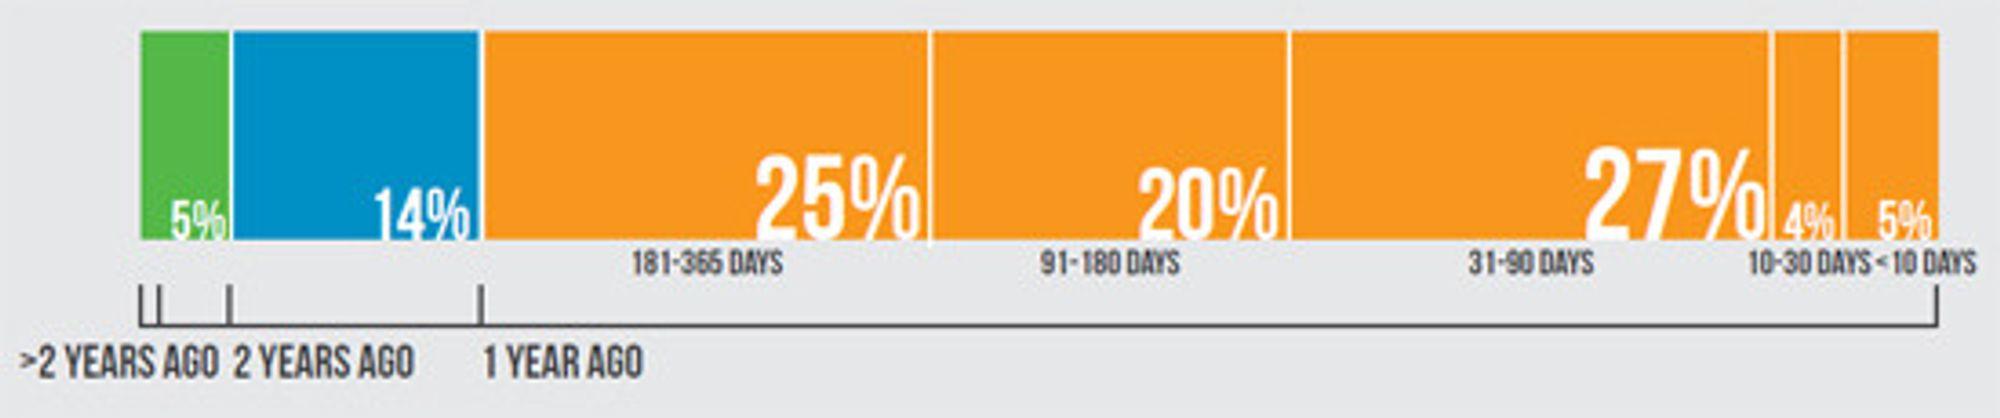 Bare 5 prosent av bedriftene oppdager et datainnbrudd innen ti dager. 64 prosent vet ingenting før det har gått minst 90 dager.